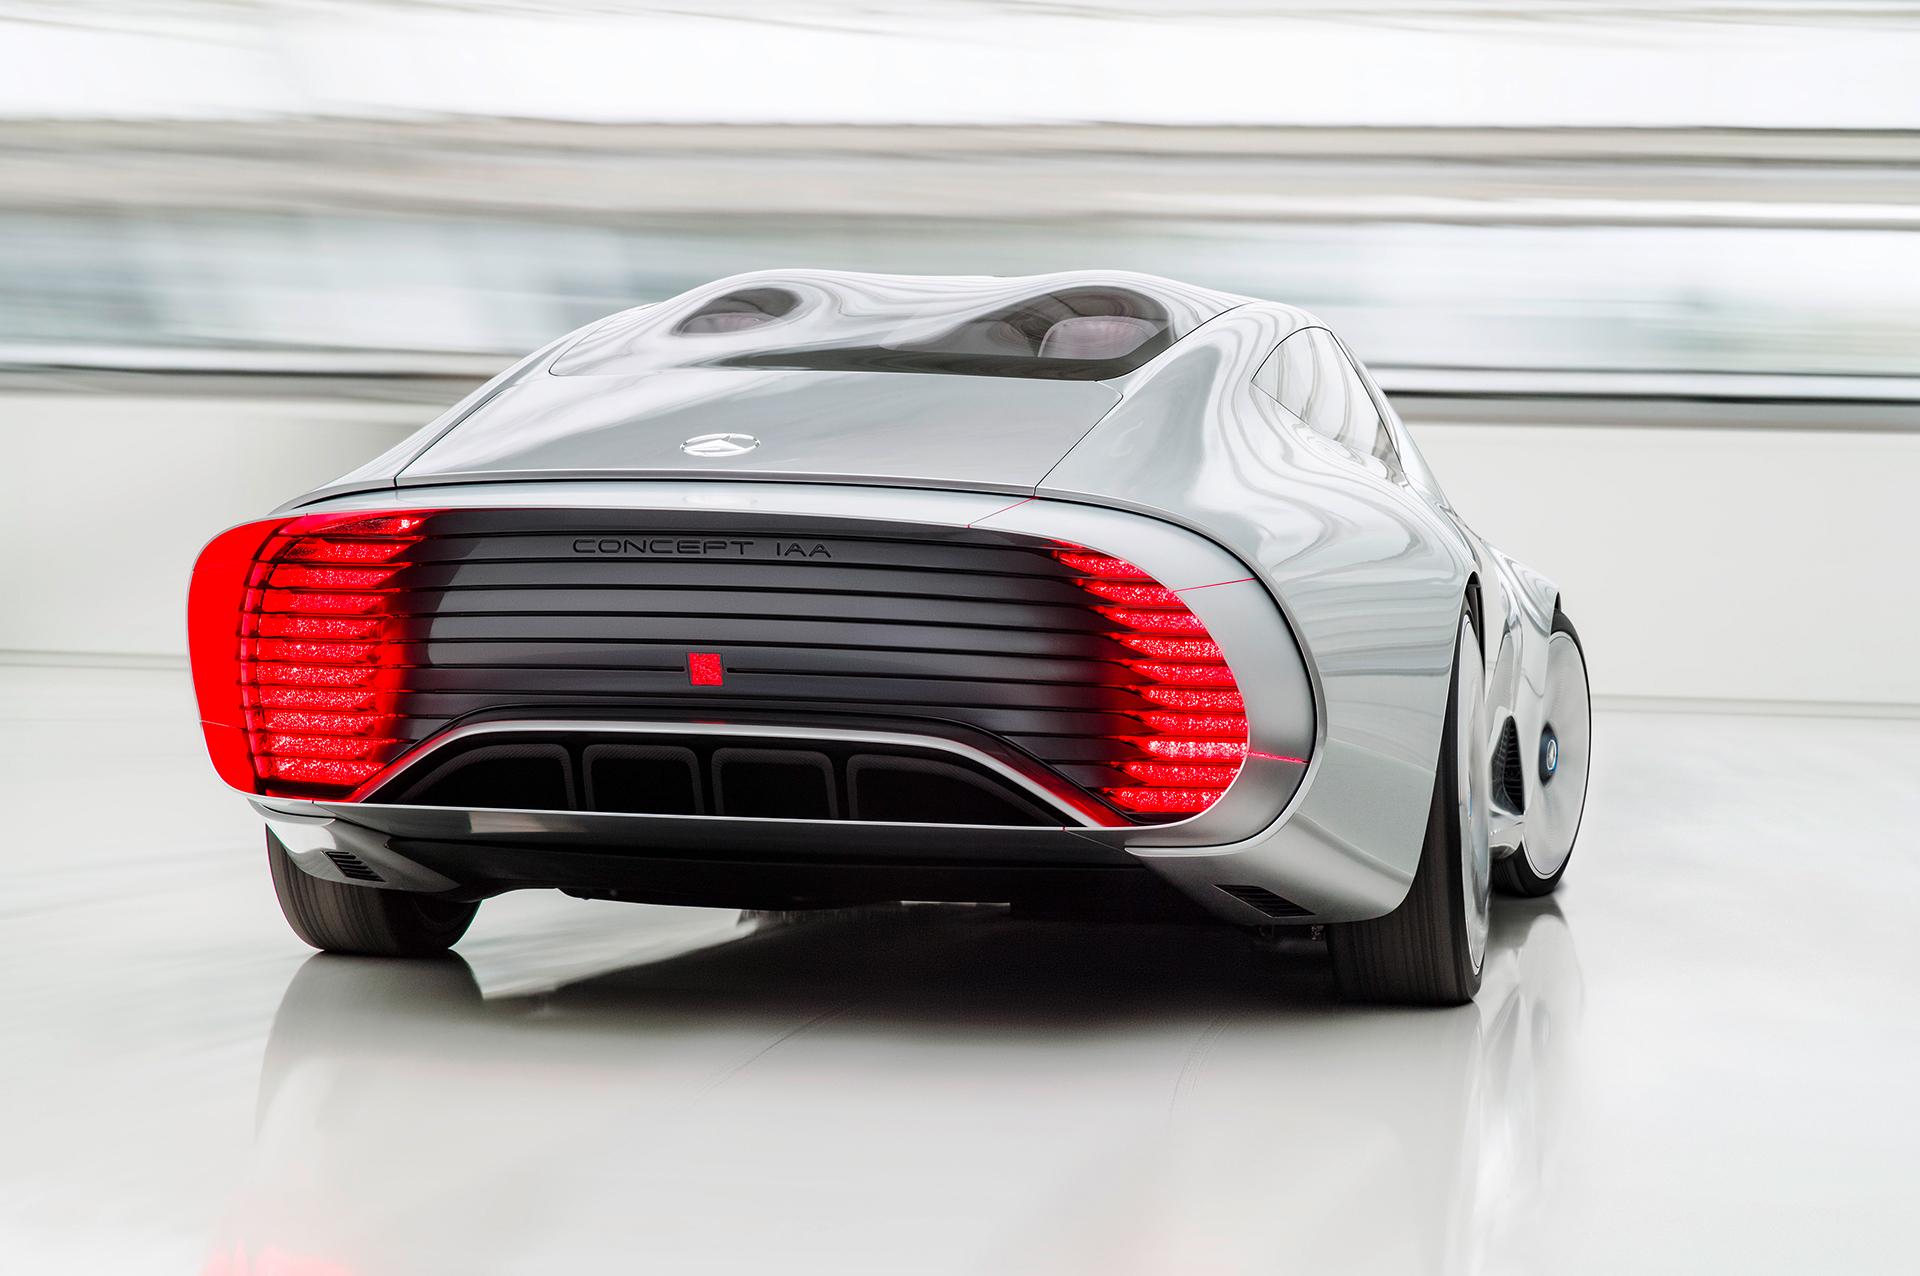 Mercedes-Benz Concept IAA - rear / arrière